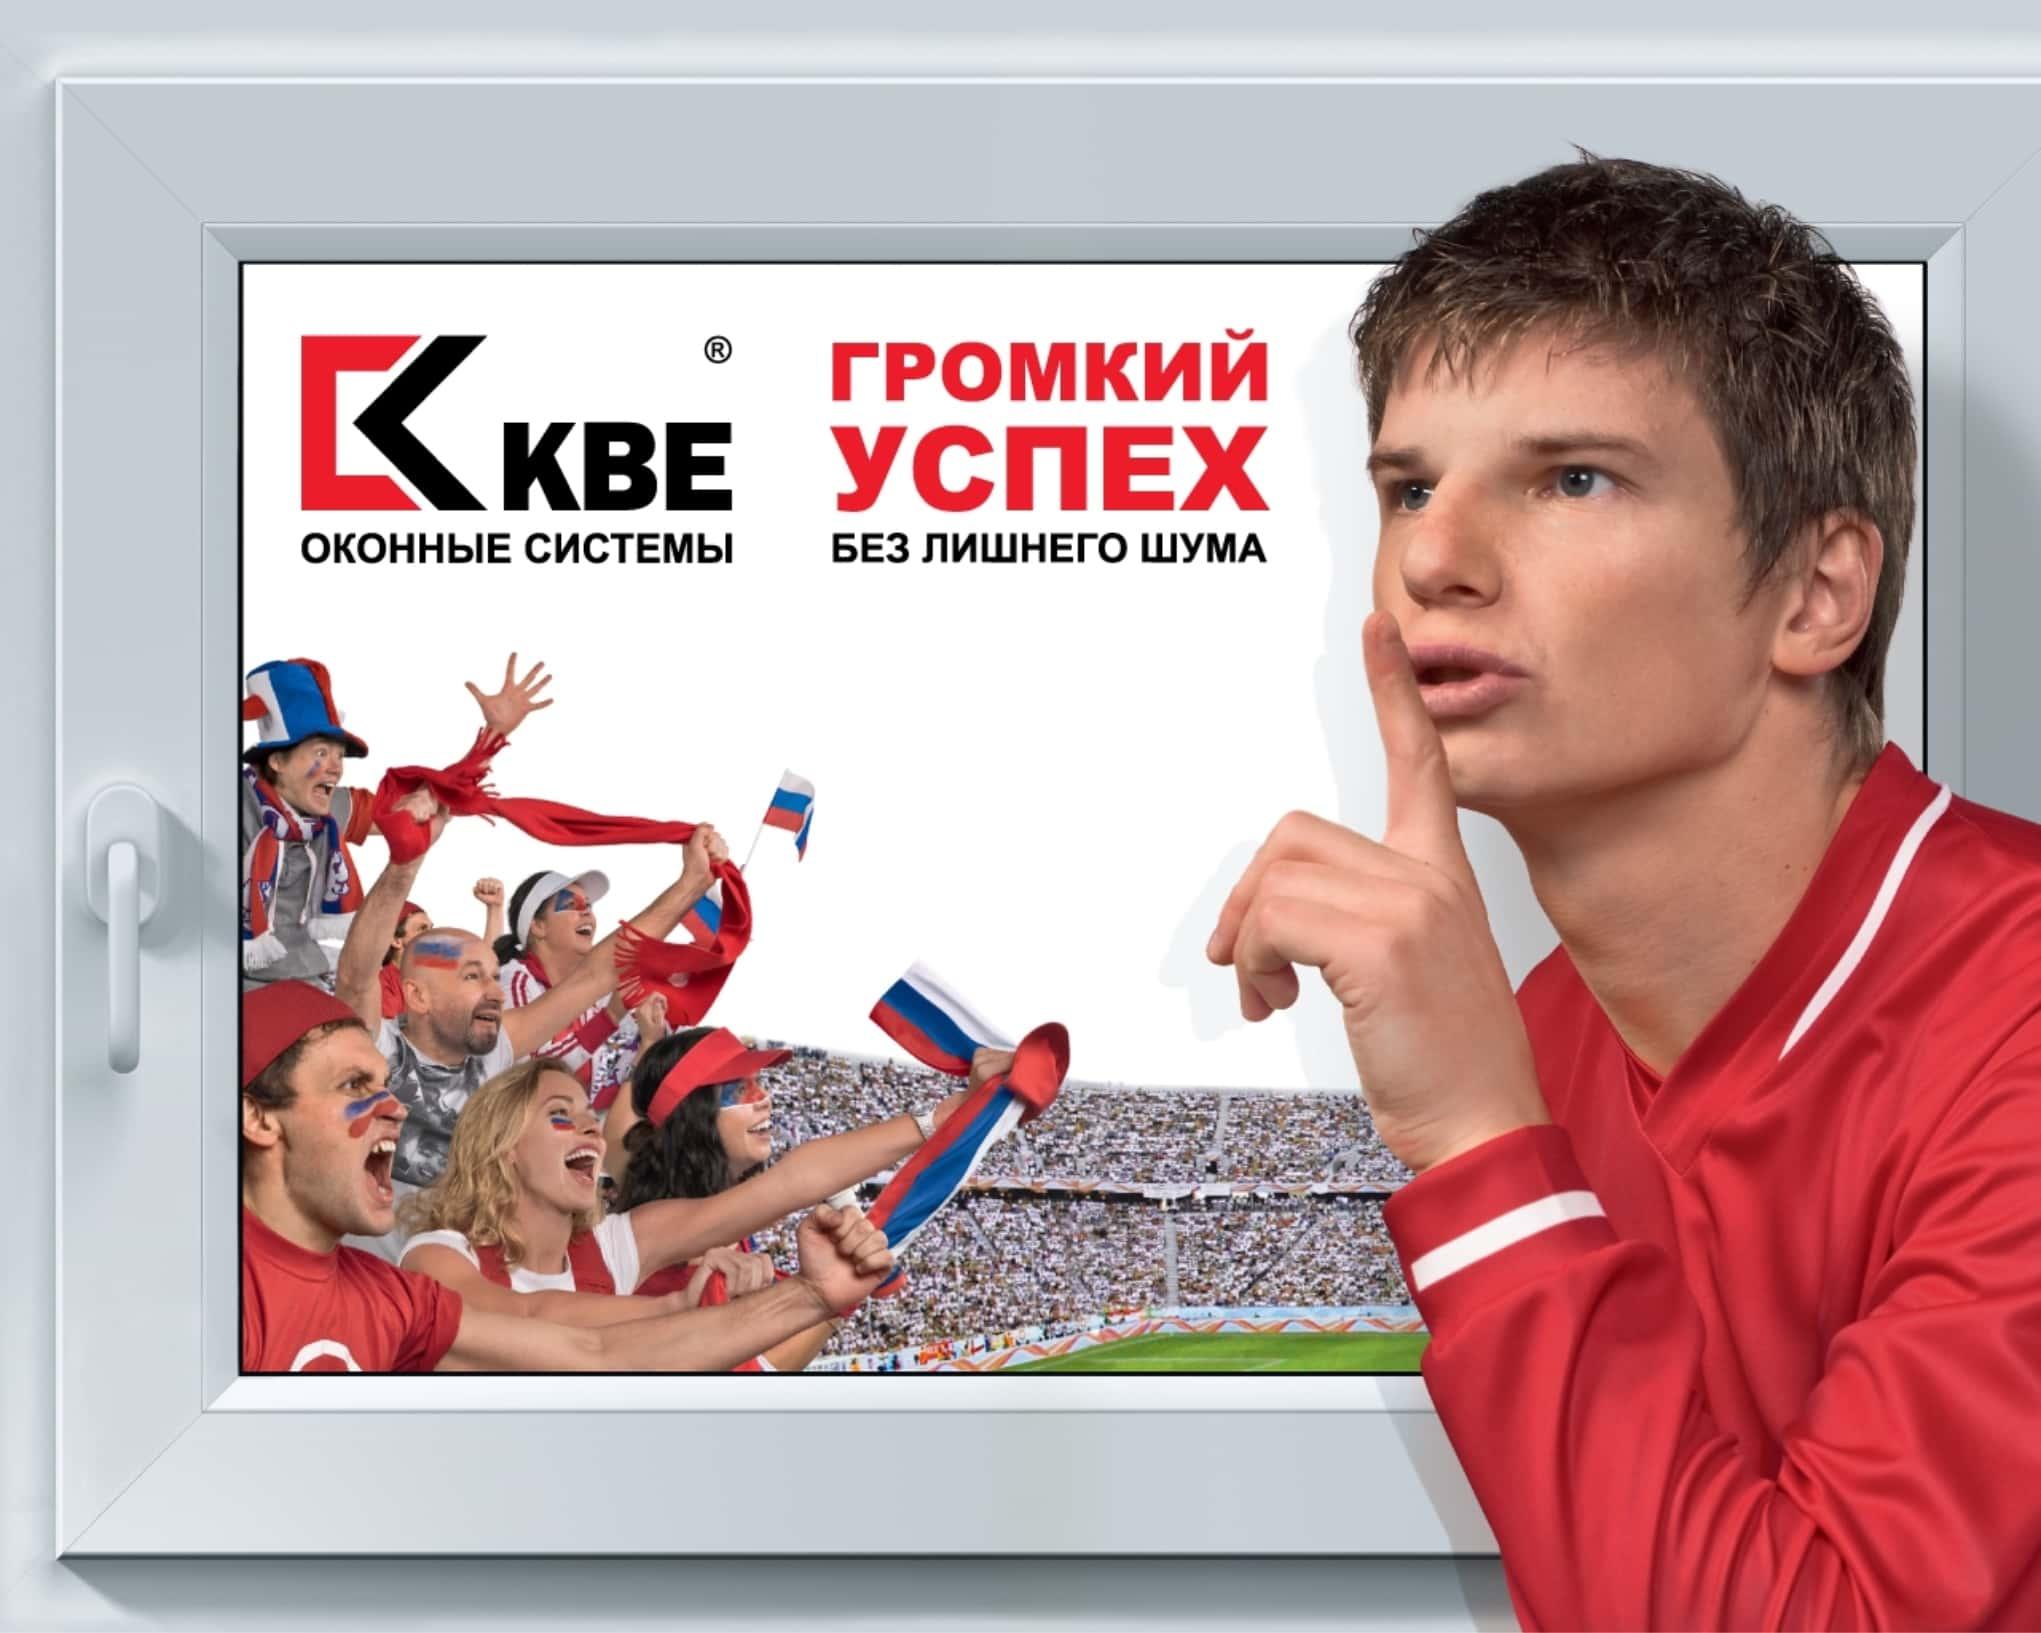 Профили компании 'KBE'